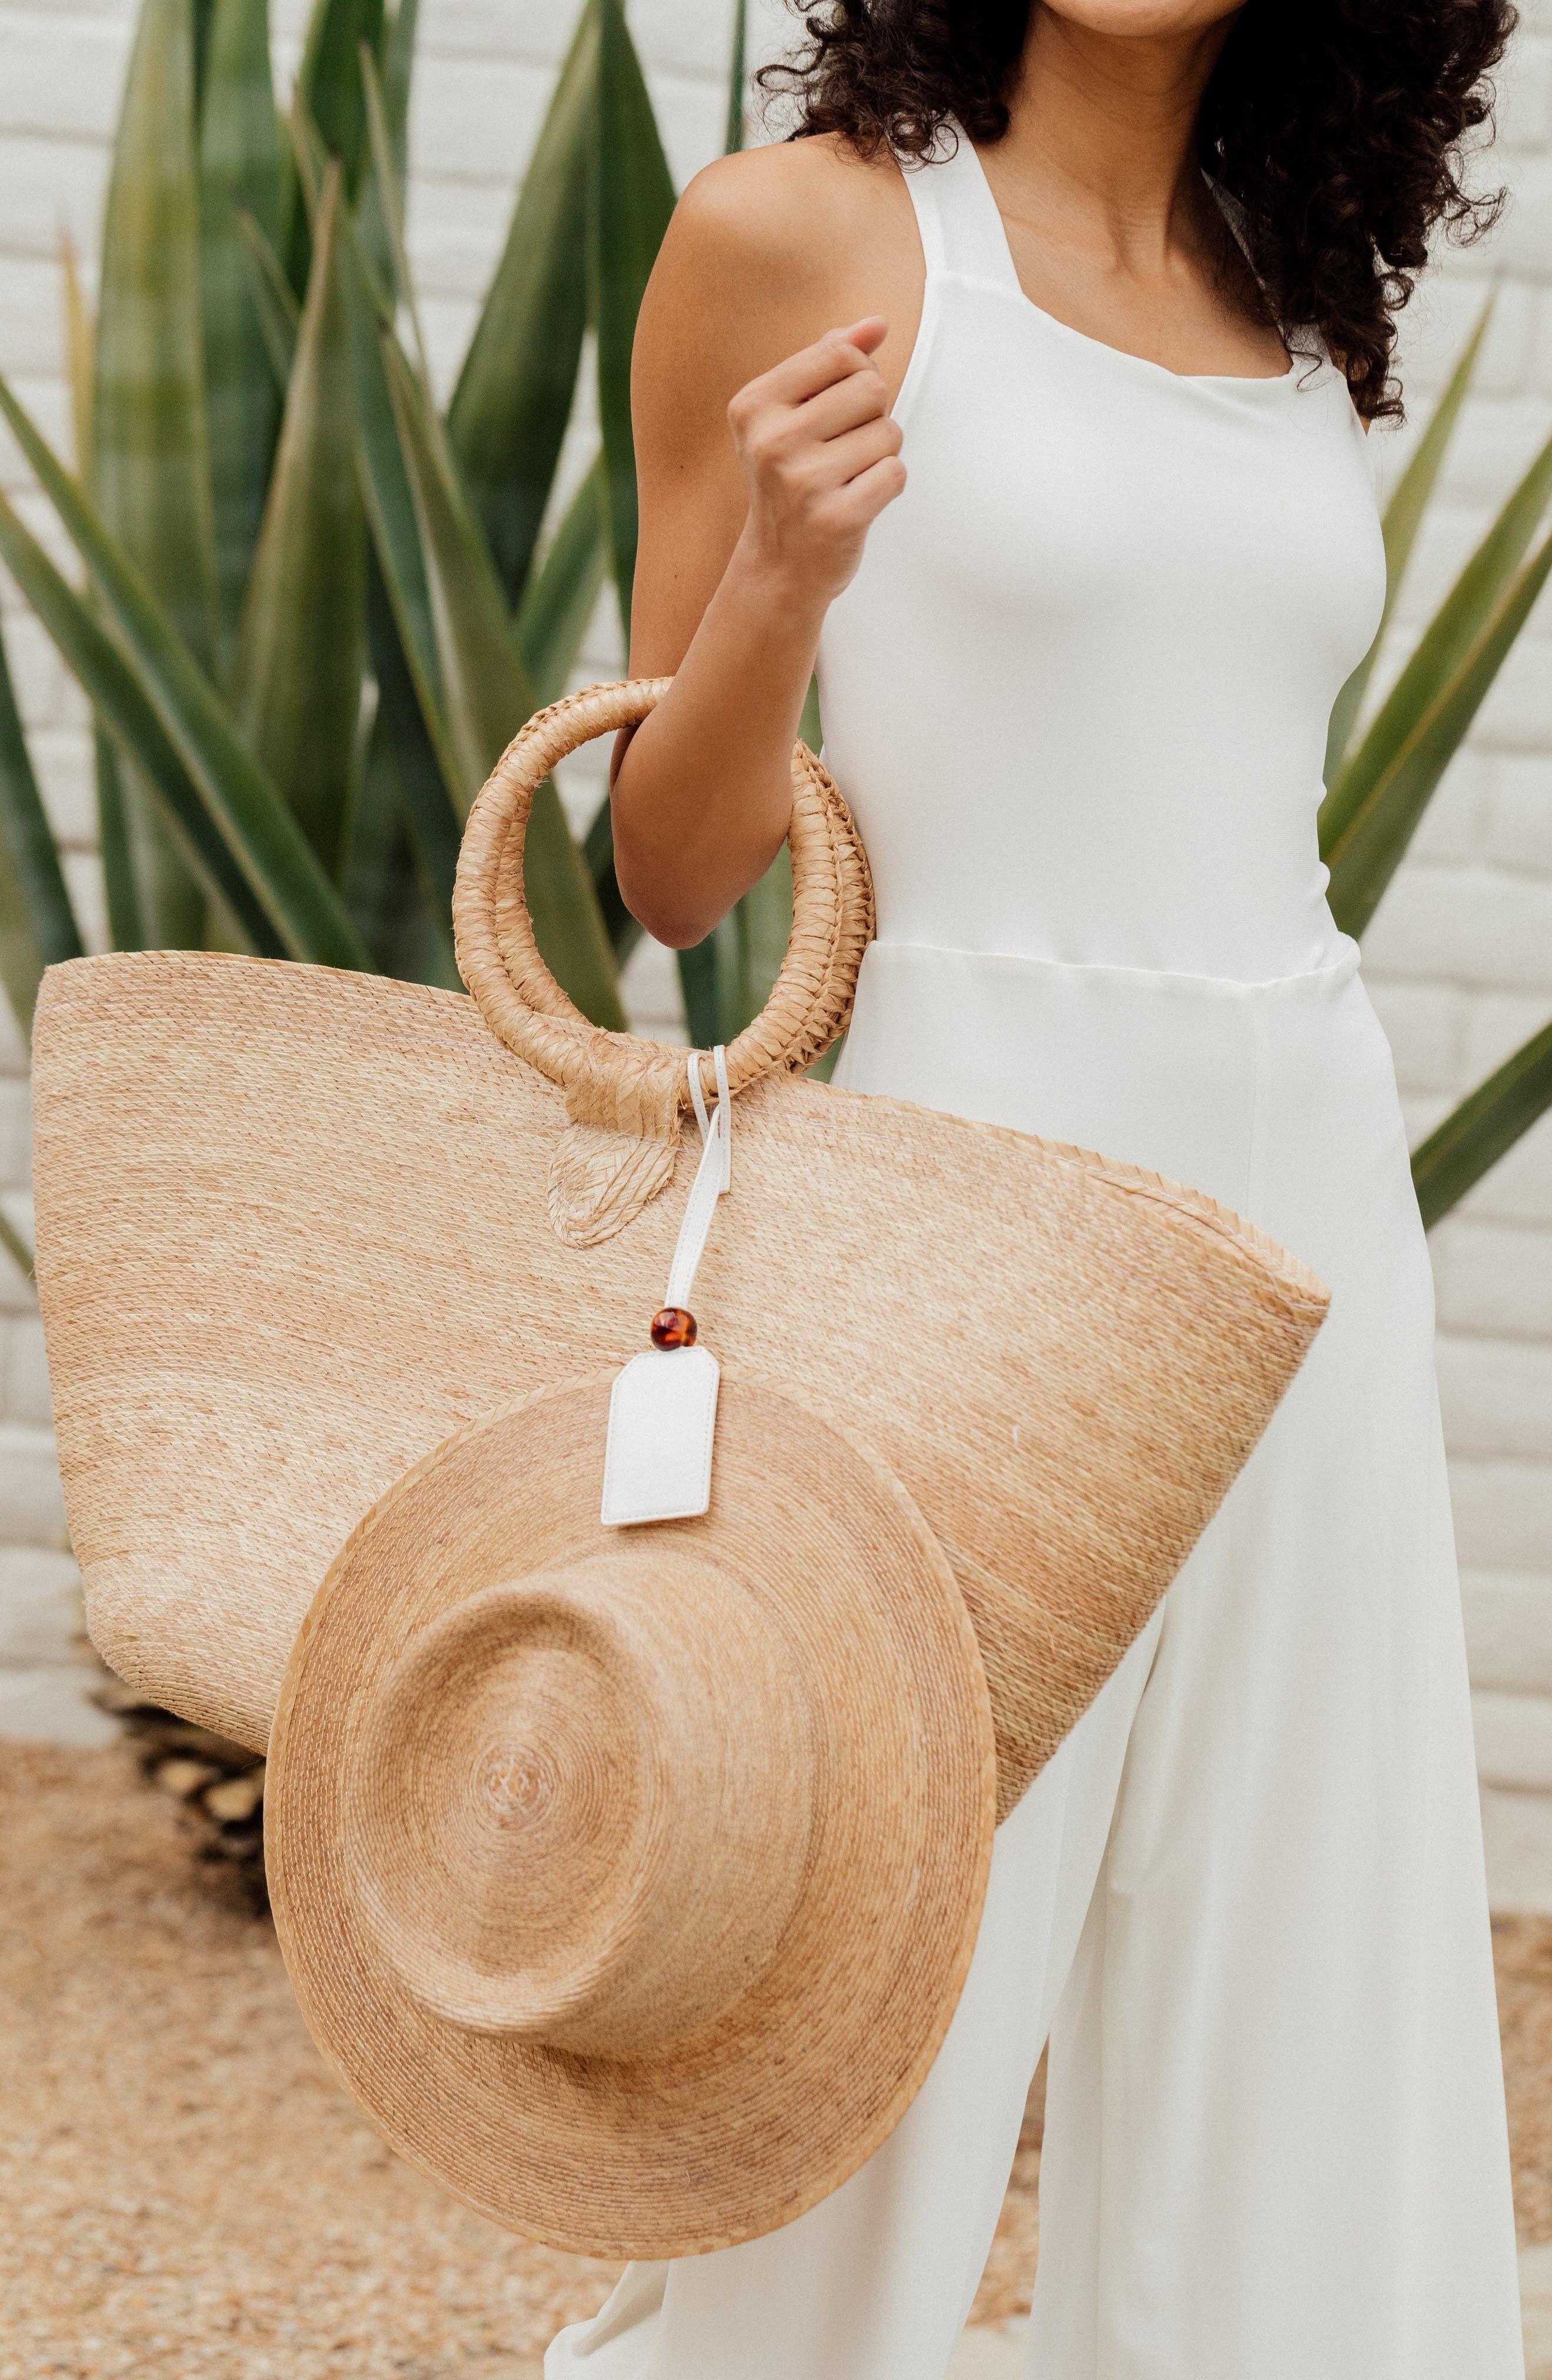 Toptote Bauble Hat Holder Nordstrom In 2021 Hat Holder Modern Handbag Handbag Charms